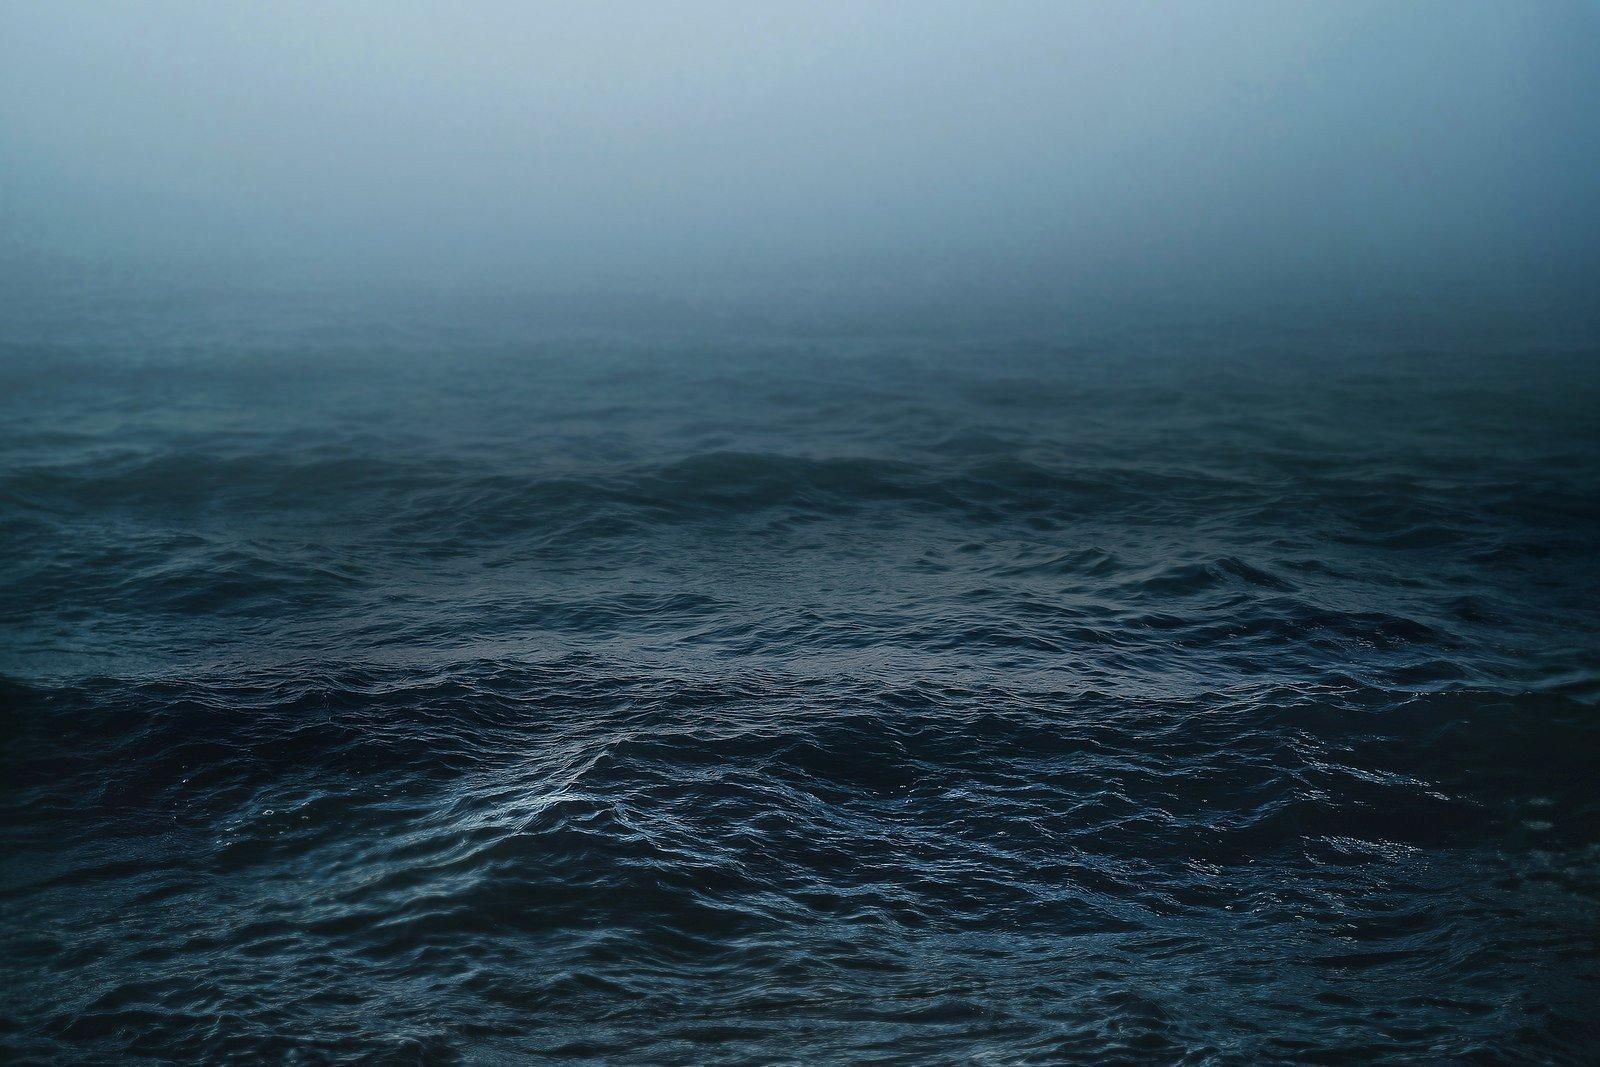 море мрачное фото барби юбке портрет